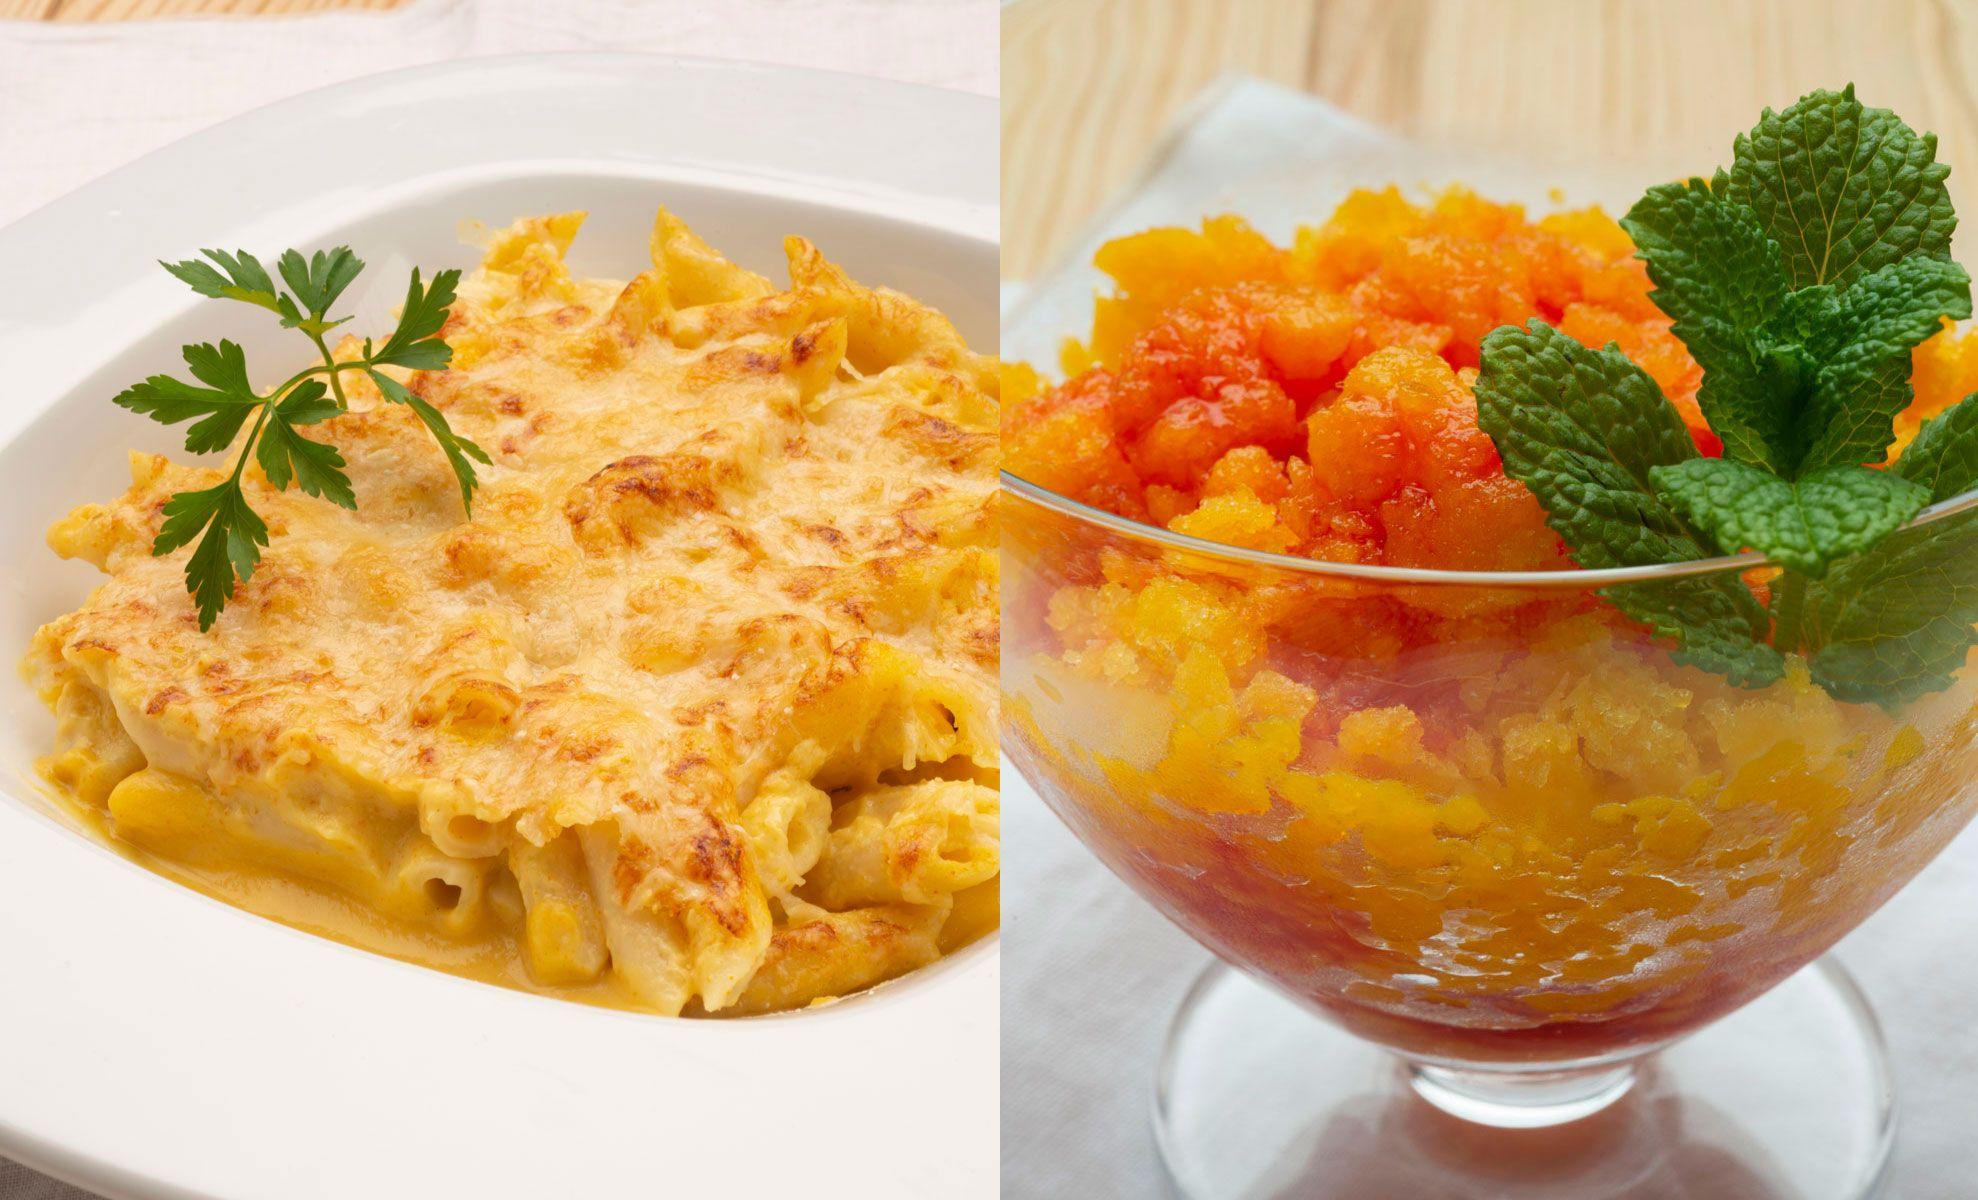 Macarrones con crema de calabaza y queso - Sorbete de mango con coulis de frambuesas